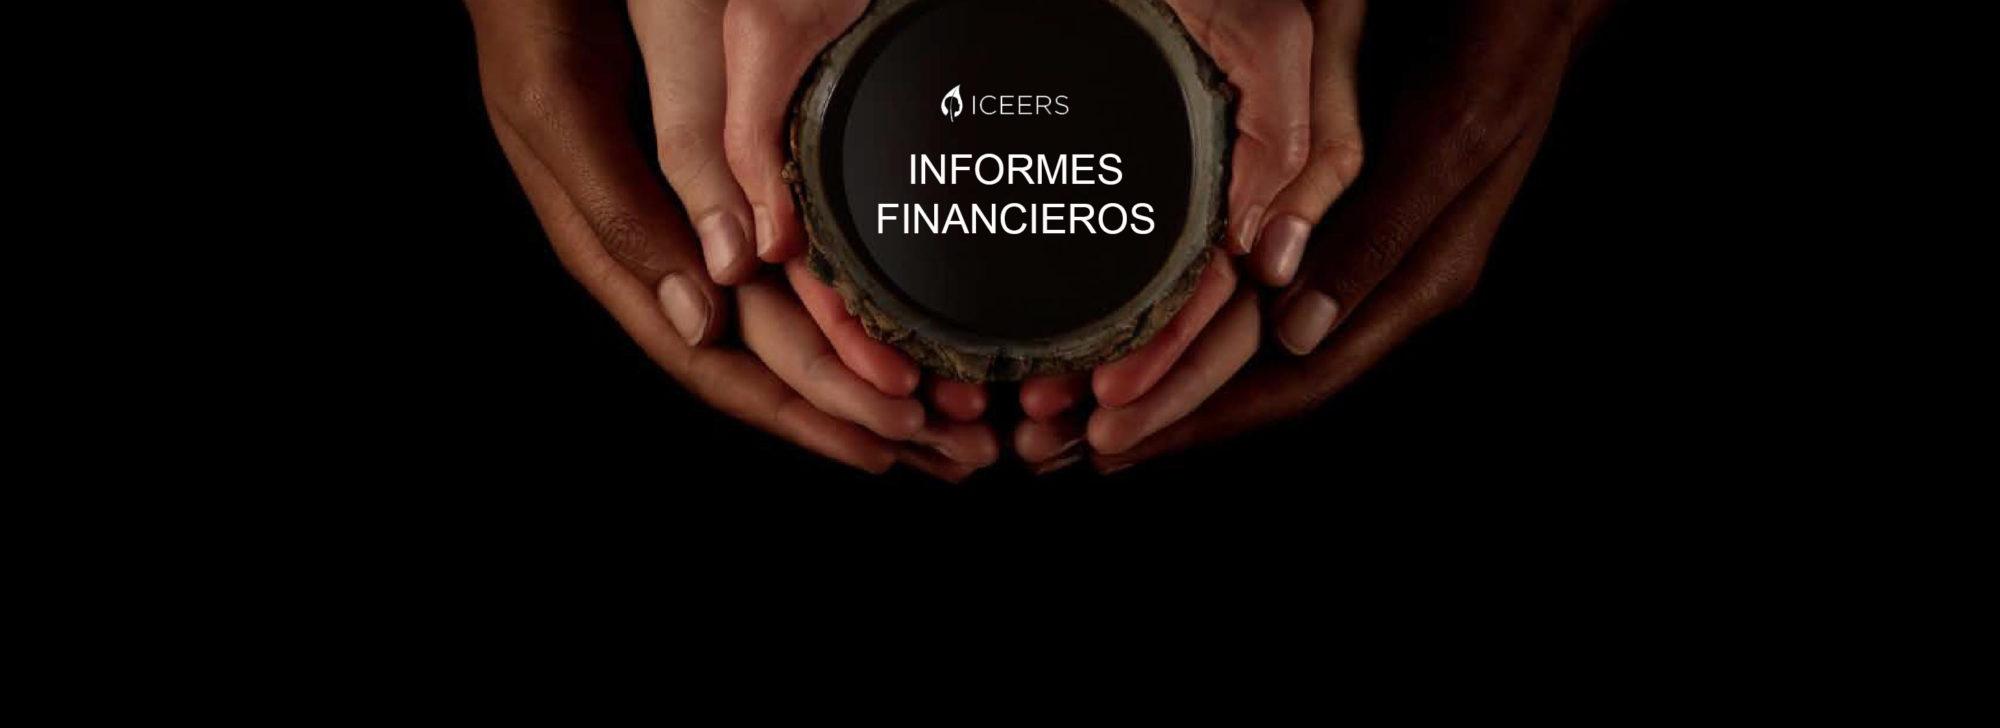 Informes financieros ICEERS